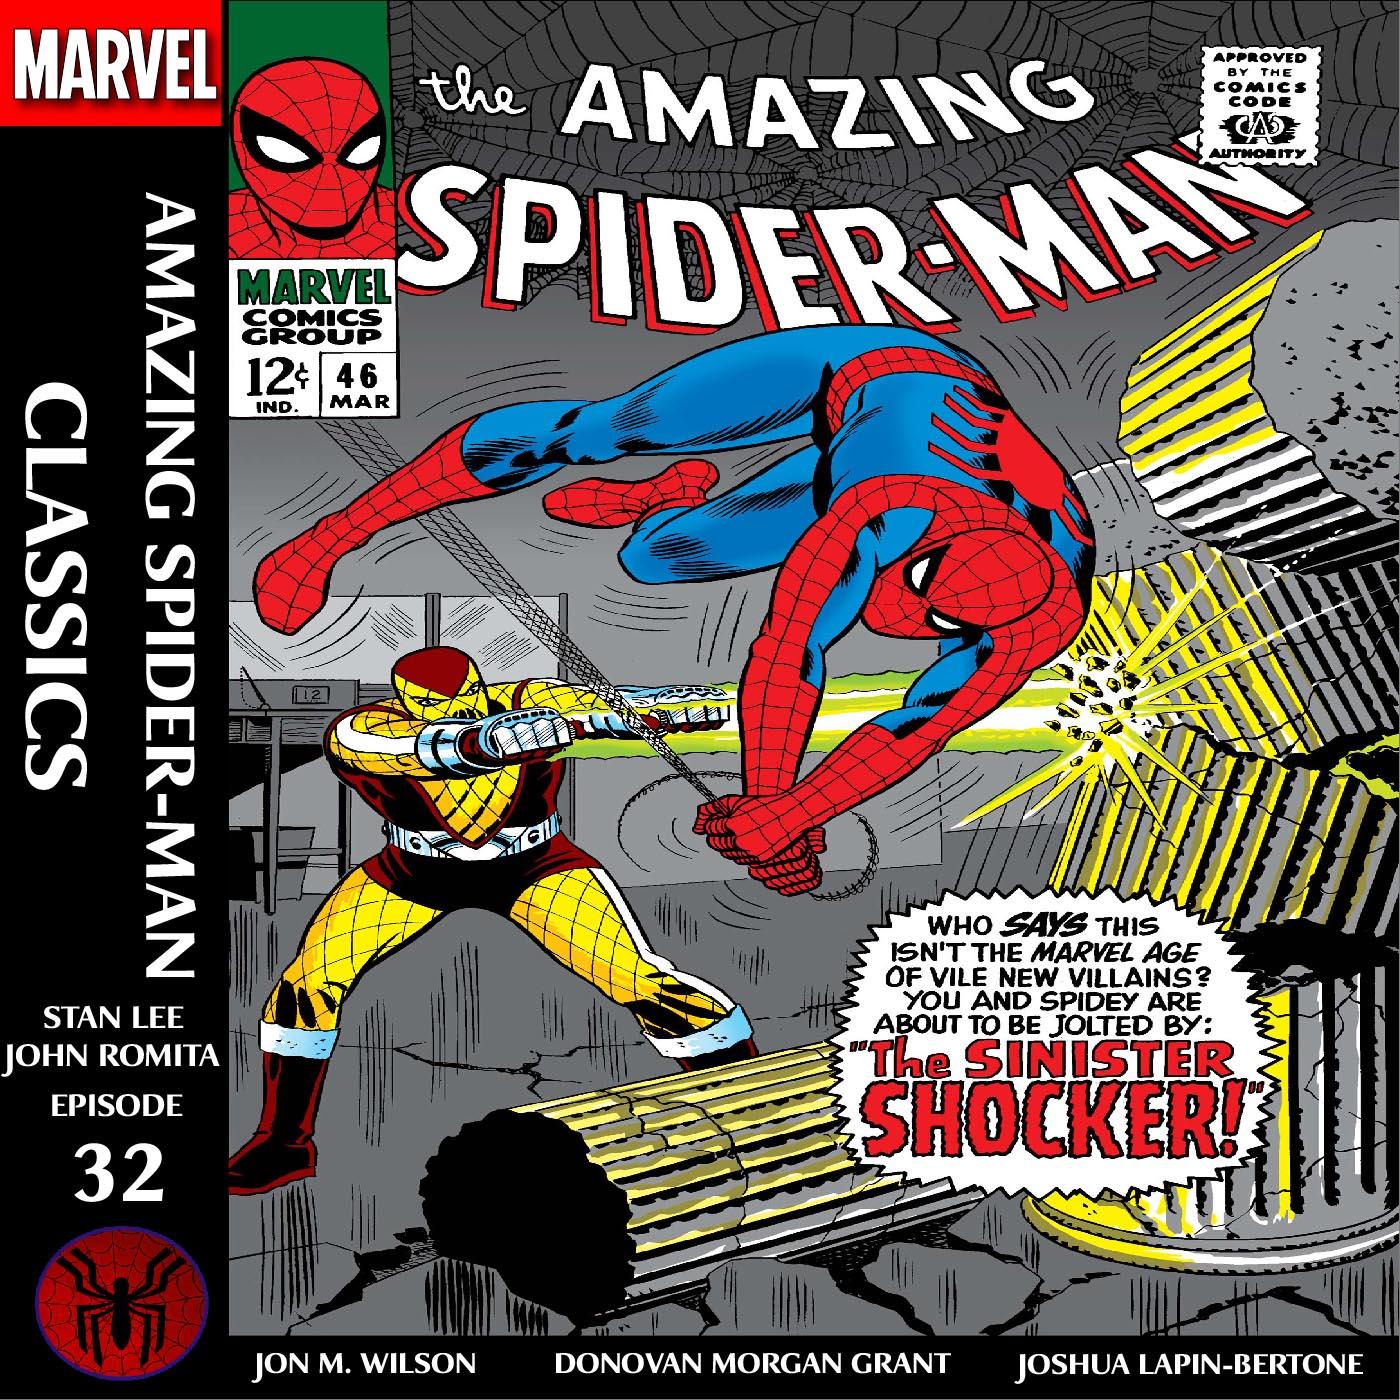 Amazing Spider-Man Classics Episode 32: Amazing Spider-Man 46